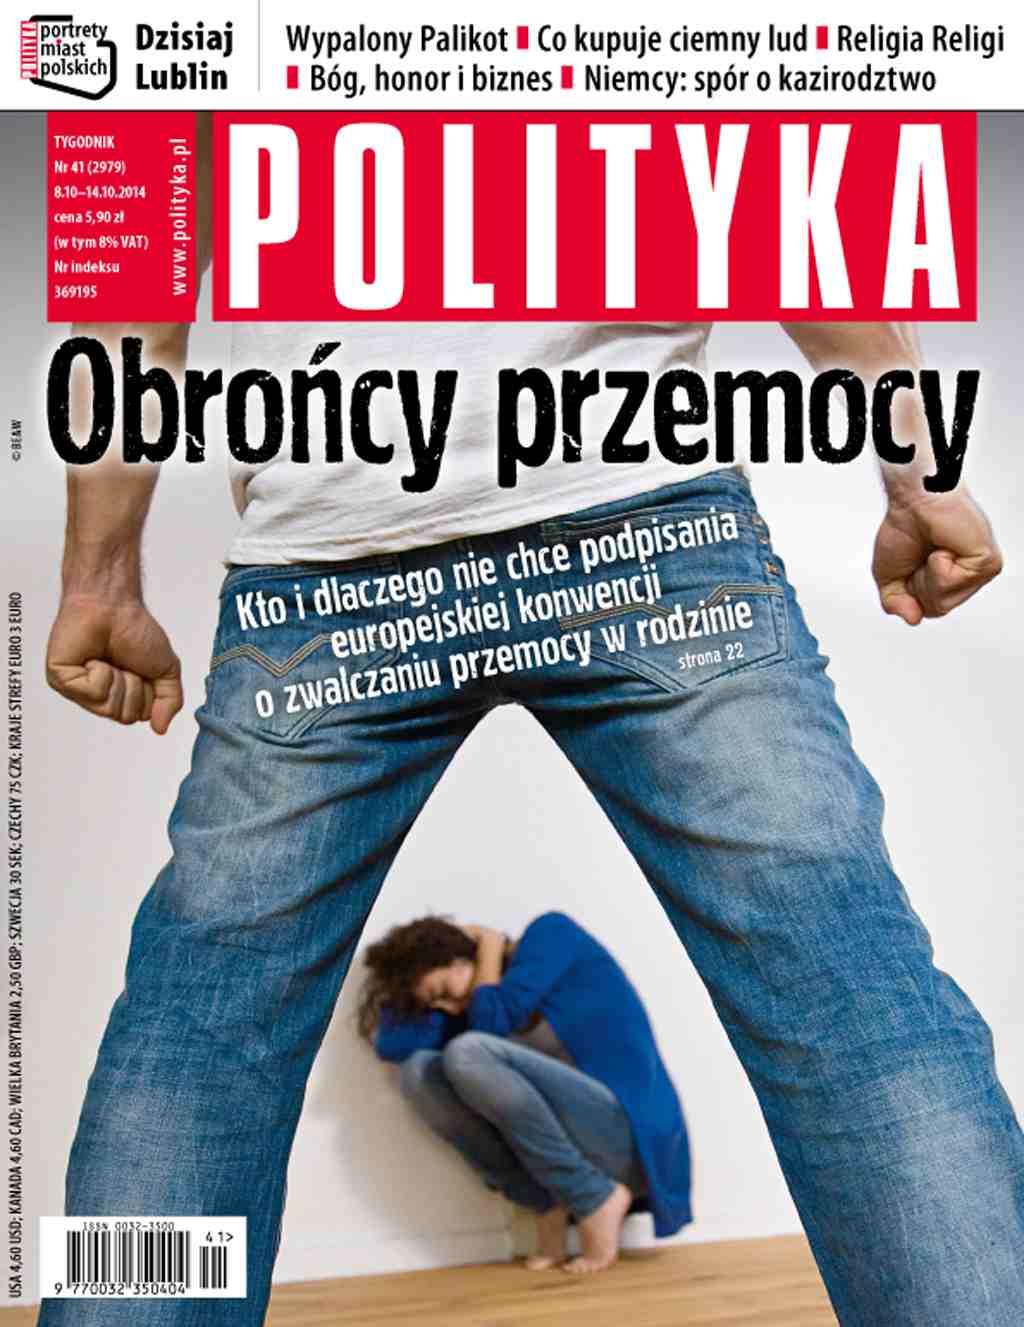 Polityka nr 41/2014 - Ebook (Książka PDF) do pobrania w formacie PDF